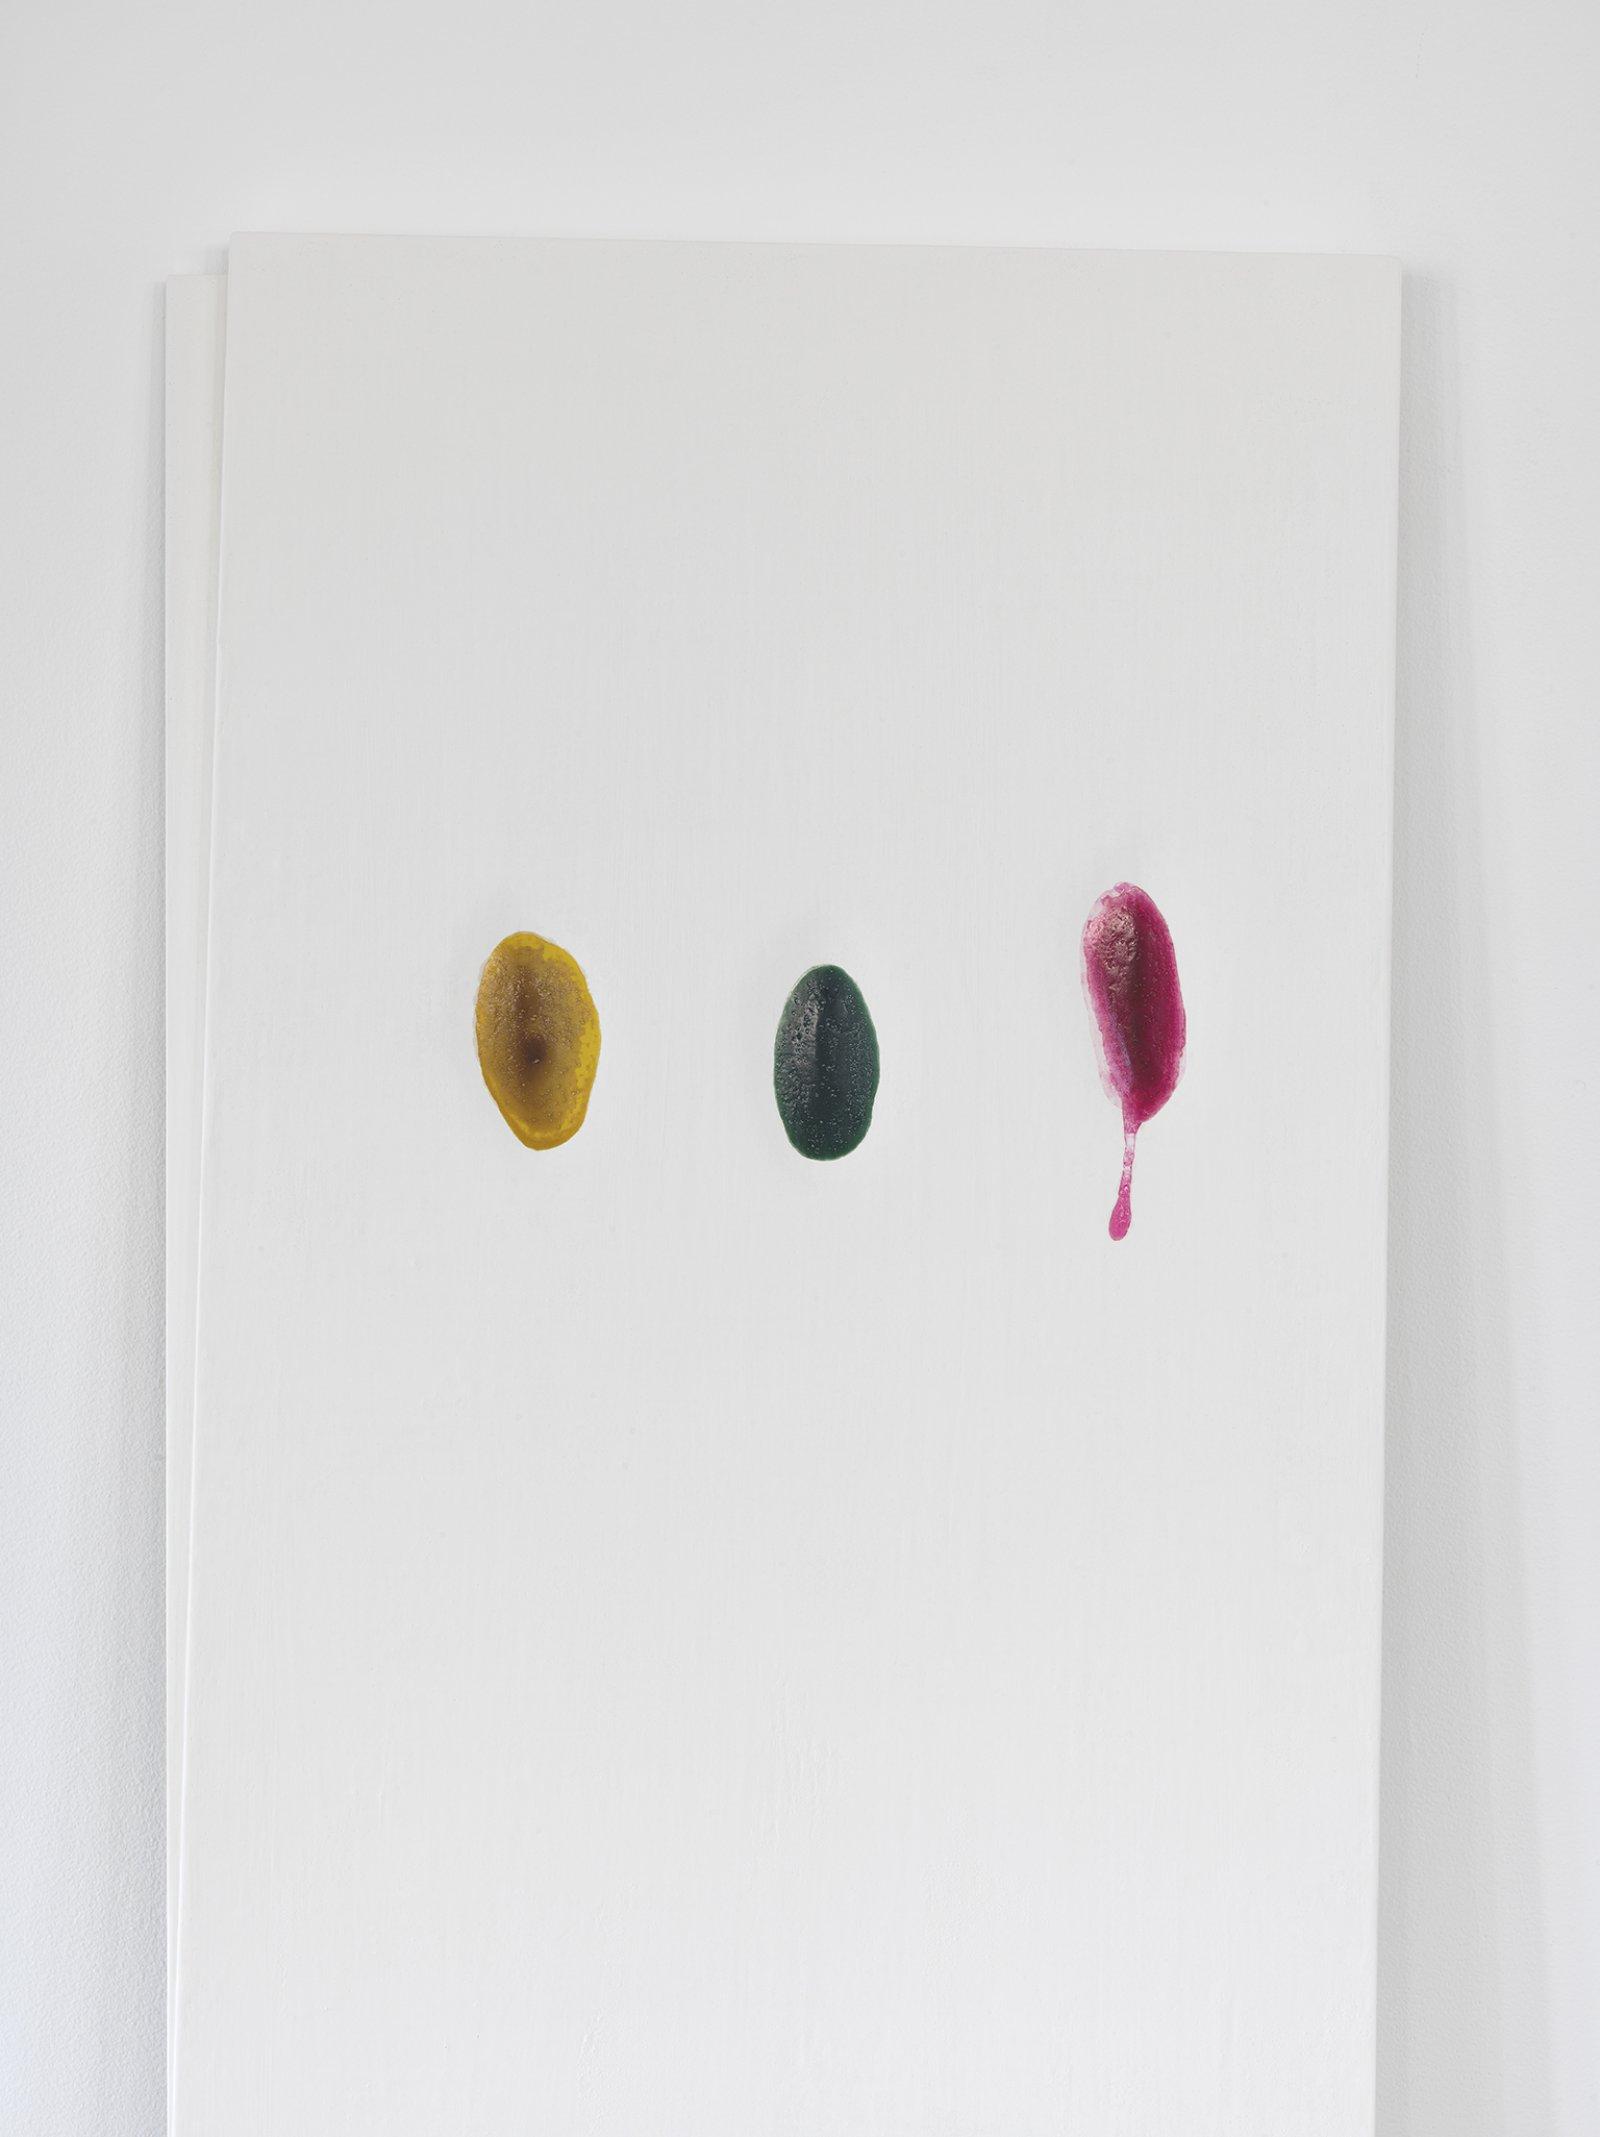 Christina Mackie, Chalk no. 1 (detail), 2014, birch, gesso, watercolour, 78 x 24 in. (198 x 62 cm) by Christina Mackie